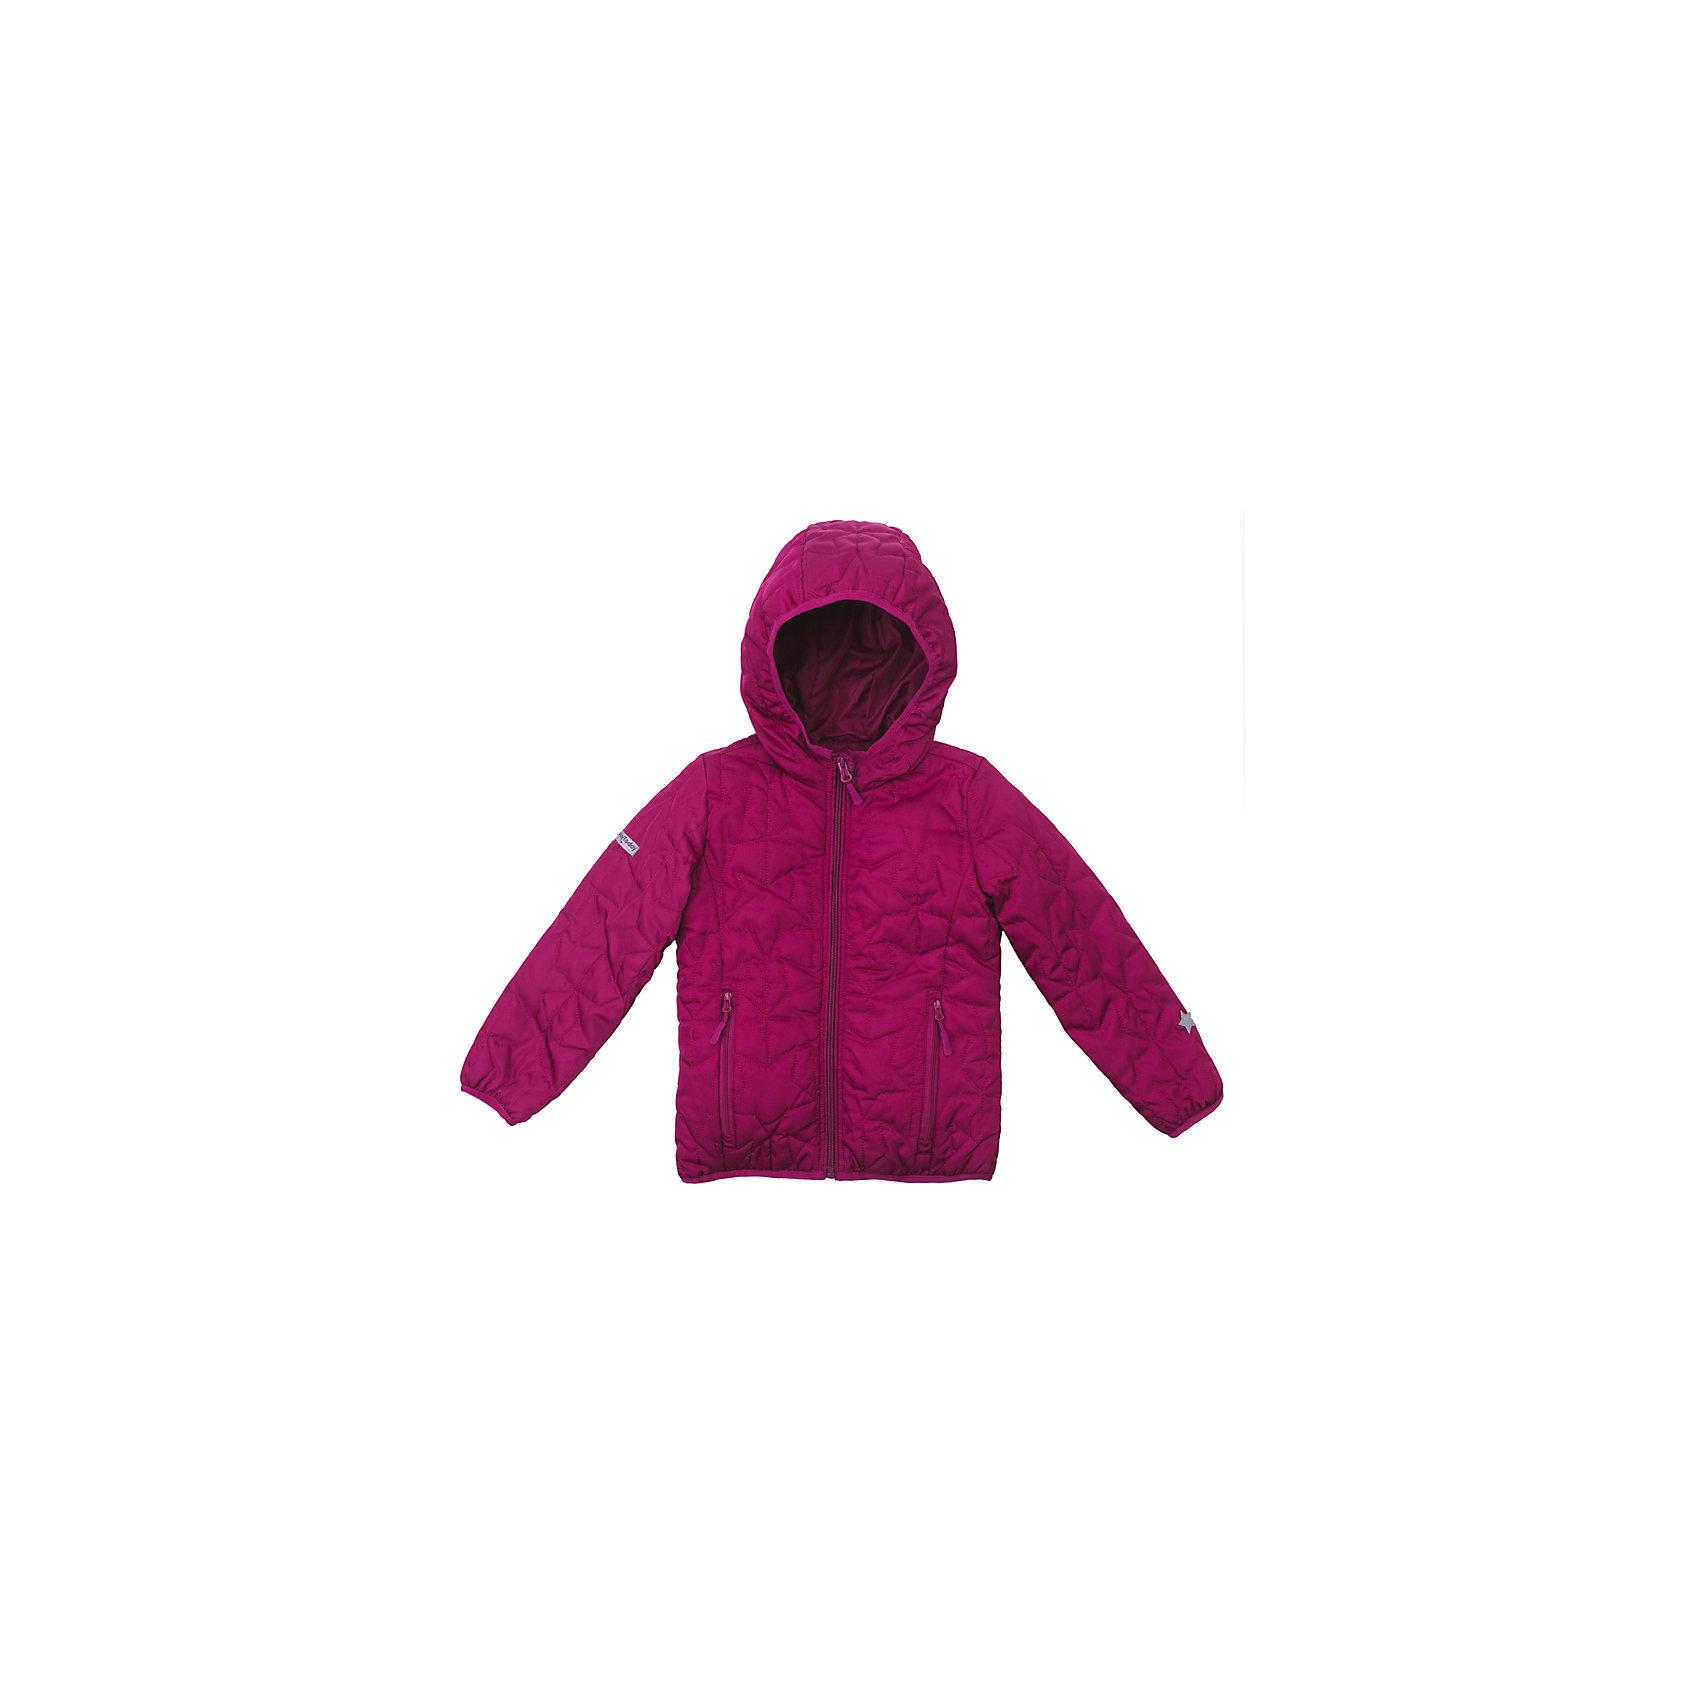 Куртка для девочки PlayTodayВерхняя одежда<br>Куртка для девочки PlayToday<br>Яркая стильная стеганая утепленная куртка со специальной водоотталкивающей пропиткой защитит Вашего ребенка в любую погоду!  Специальный карман для фиксации застежки-молнии не позволит застежке травмировать нежную детскую кожу. За счет мягких резинок, капюшон не упадет с головы даже во время активных игр. Светоотражатели на рукаве и по низу изделия, позволят видеть Вашего ребенка даже в темное время суток. <br><br>Преимущества: <br><br>Защита подбородка. Специальный карман для фиксации застежки-молнии. Наличие данного кармана не позволит застежке -молнии травмировать нежную кожу ребенка<br>Водоооталкивающая пропитка <br>Светоотражатели на рукаве и по низу изделия<br><br>Состав:<br>Верх: 100% полиэстер, Подкладка: 100% полиэстер, Наполнитель: 100% полиэстер, 150 г/м2<br><br>Ширина мм: 356<br>Глубина мм: 10<br>Высота мм: 245<br>Вес г: 519<br>Цвет: розовый<br>Возраст от месяцев: 84<br>Возраст до месяцев: 96<br>Пол: Женский<br>Возраст: Детский<br>Размер: 128,98,104,110,116,122<br>SKU: 5404048